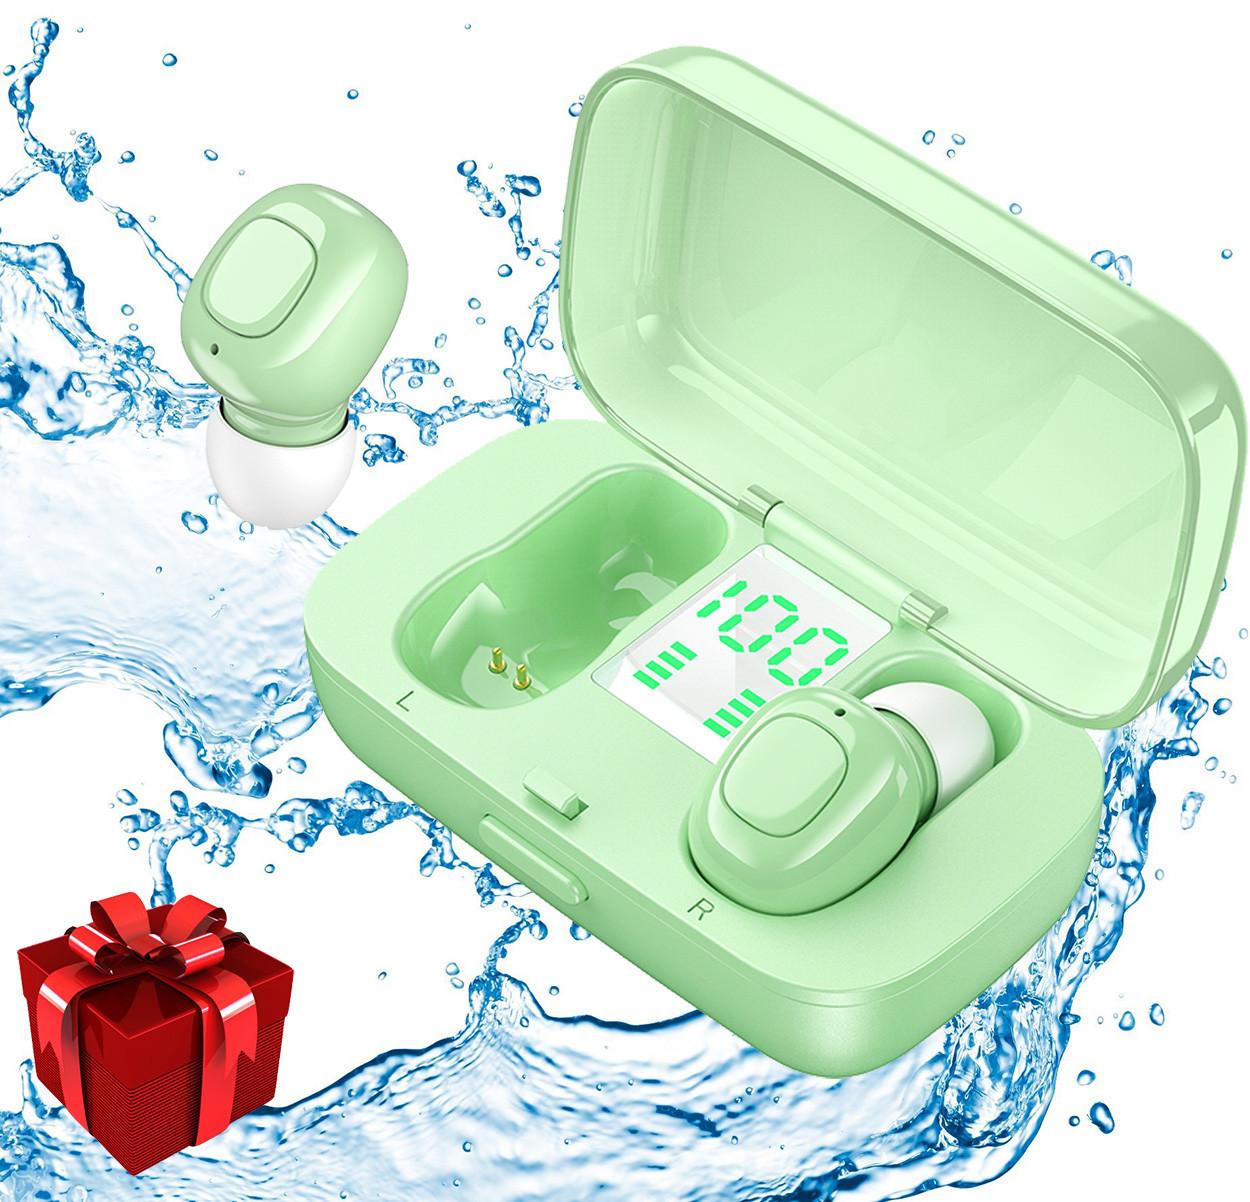 Беспроводные наушники блютуз гарнитура Bluetooth наушники 5.0 Wi-pods XG-21. Зеленые